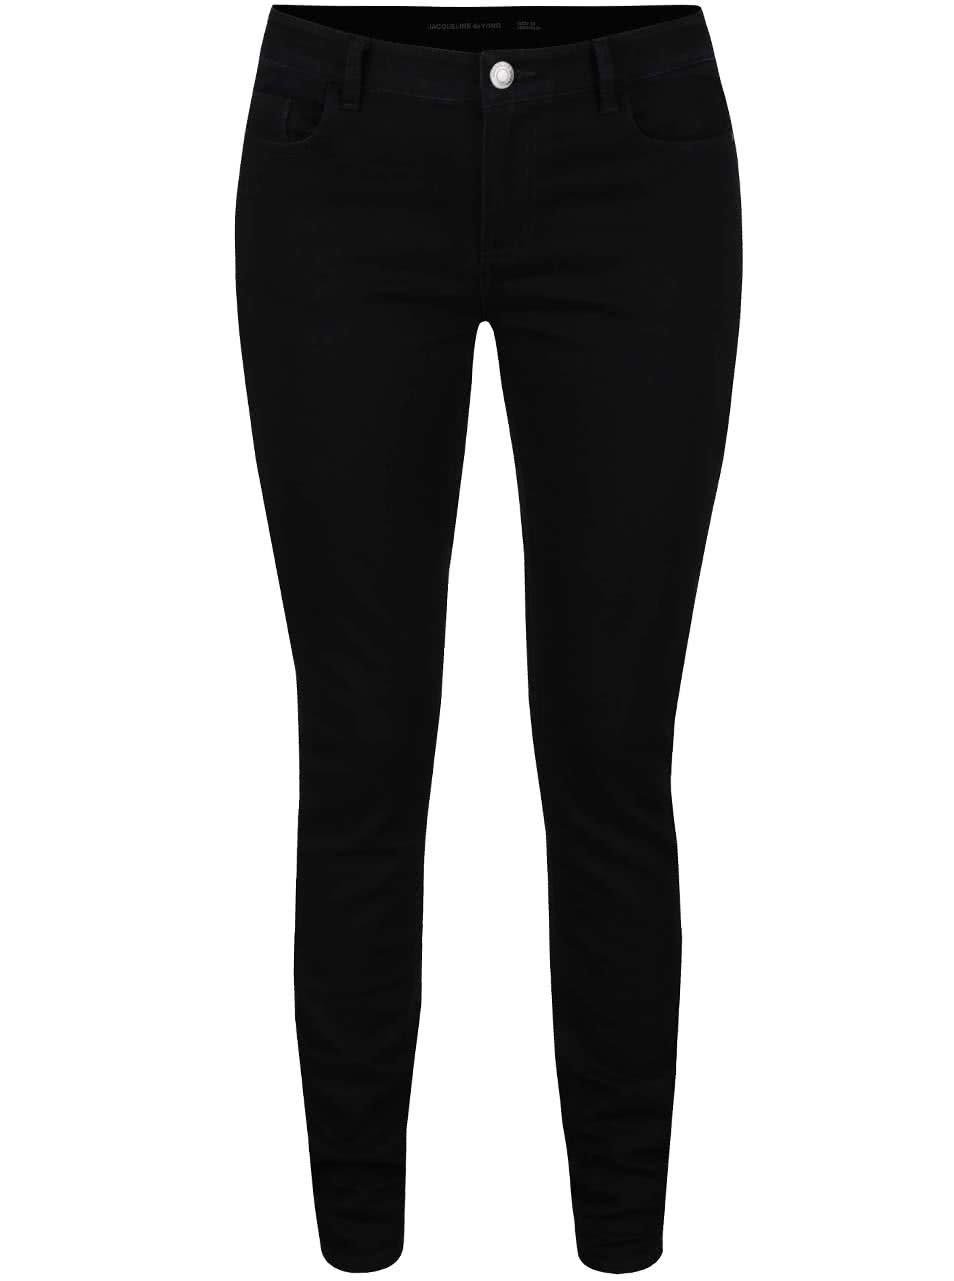 Černé elastické džíny Jacqueline de Yong Low Holly